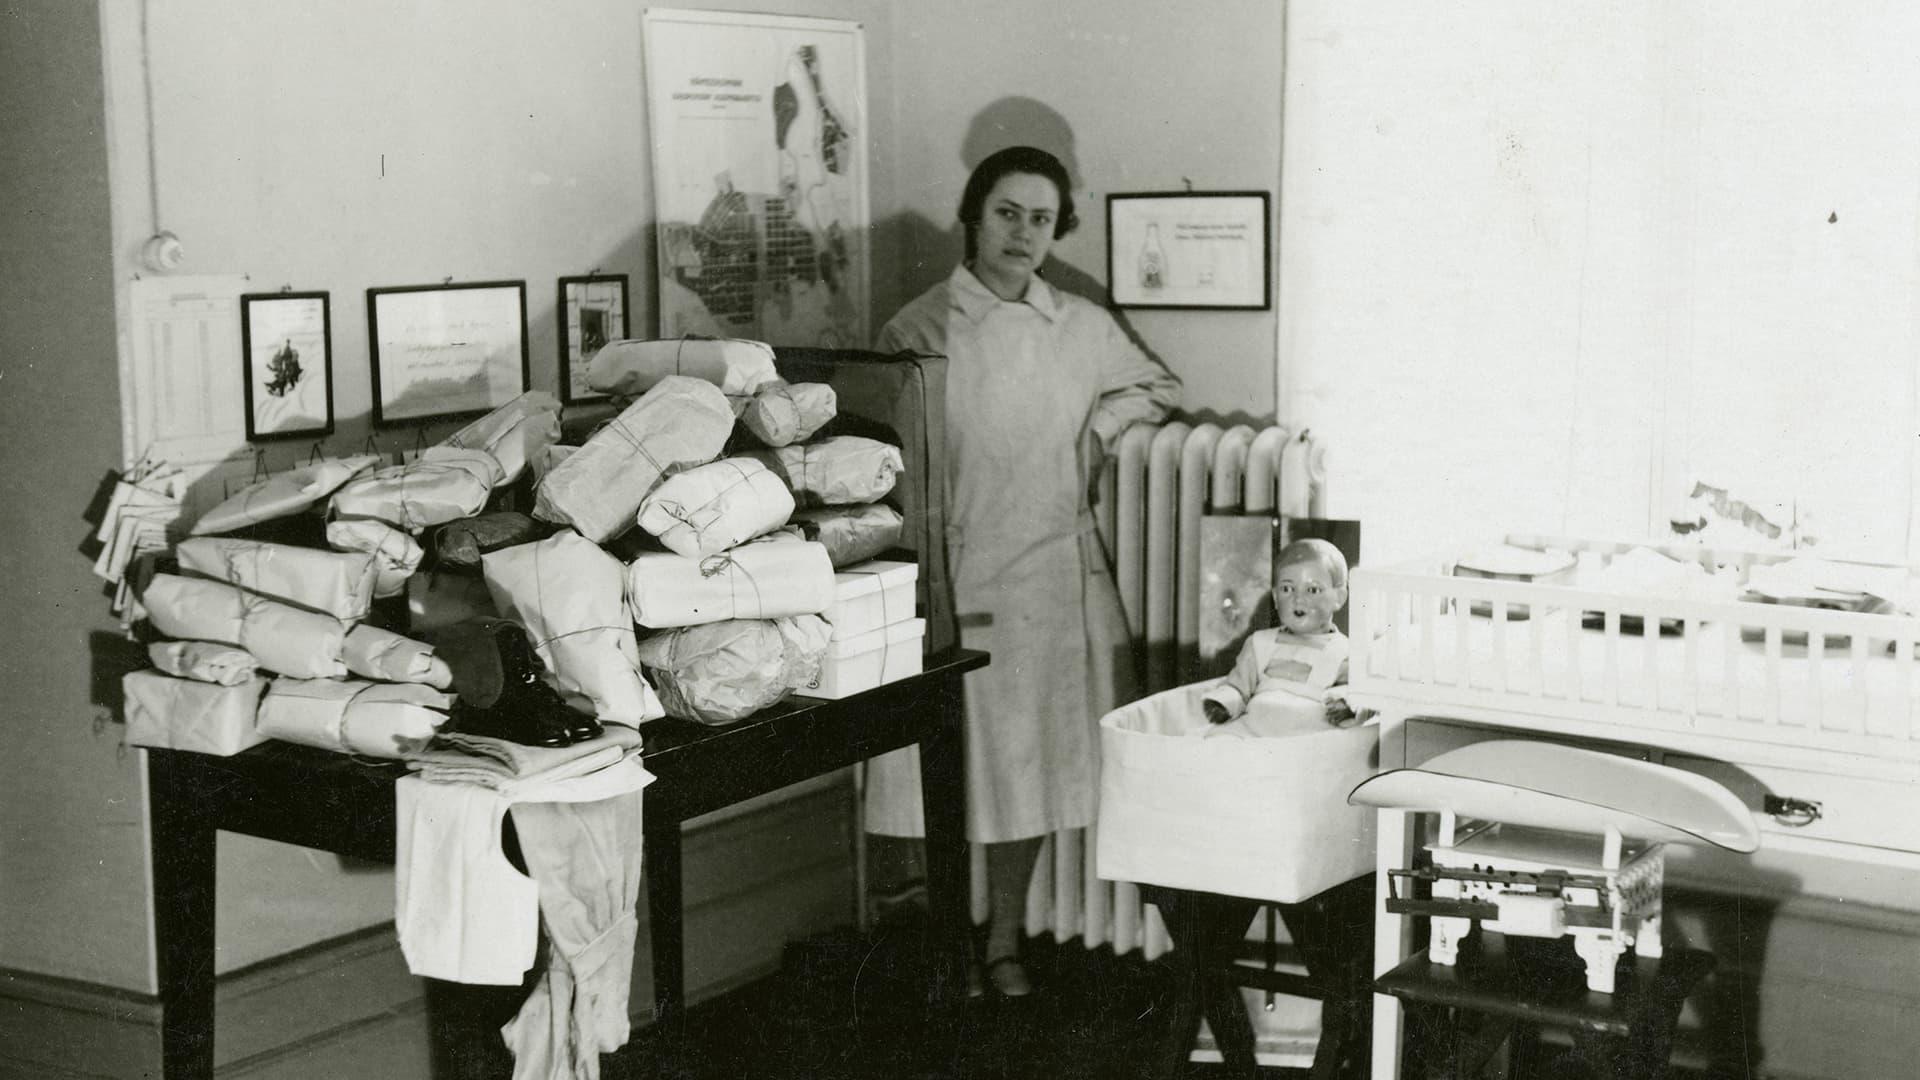 Arkistokuvassa hoitaja ja lastenhoitoon liittyvää esineistöä.